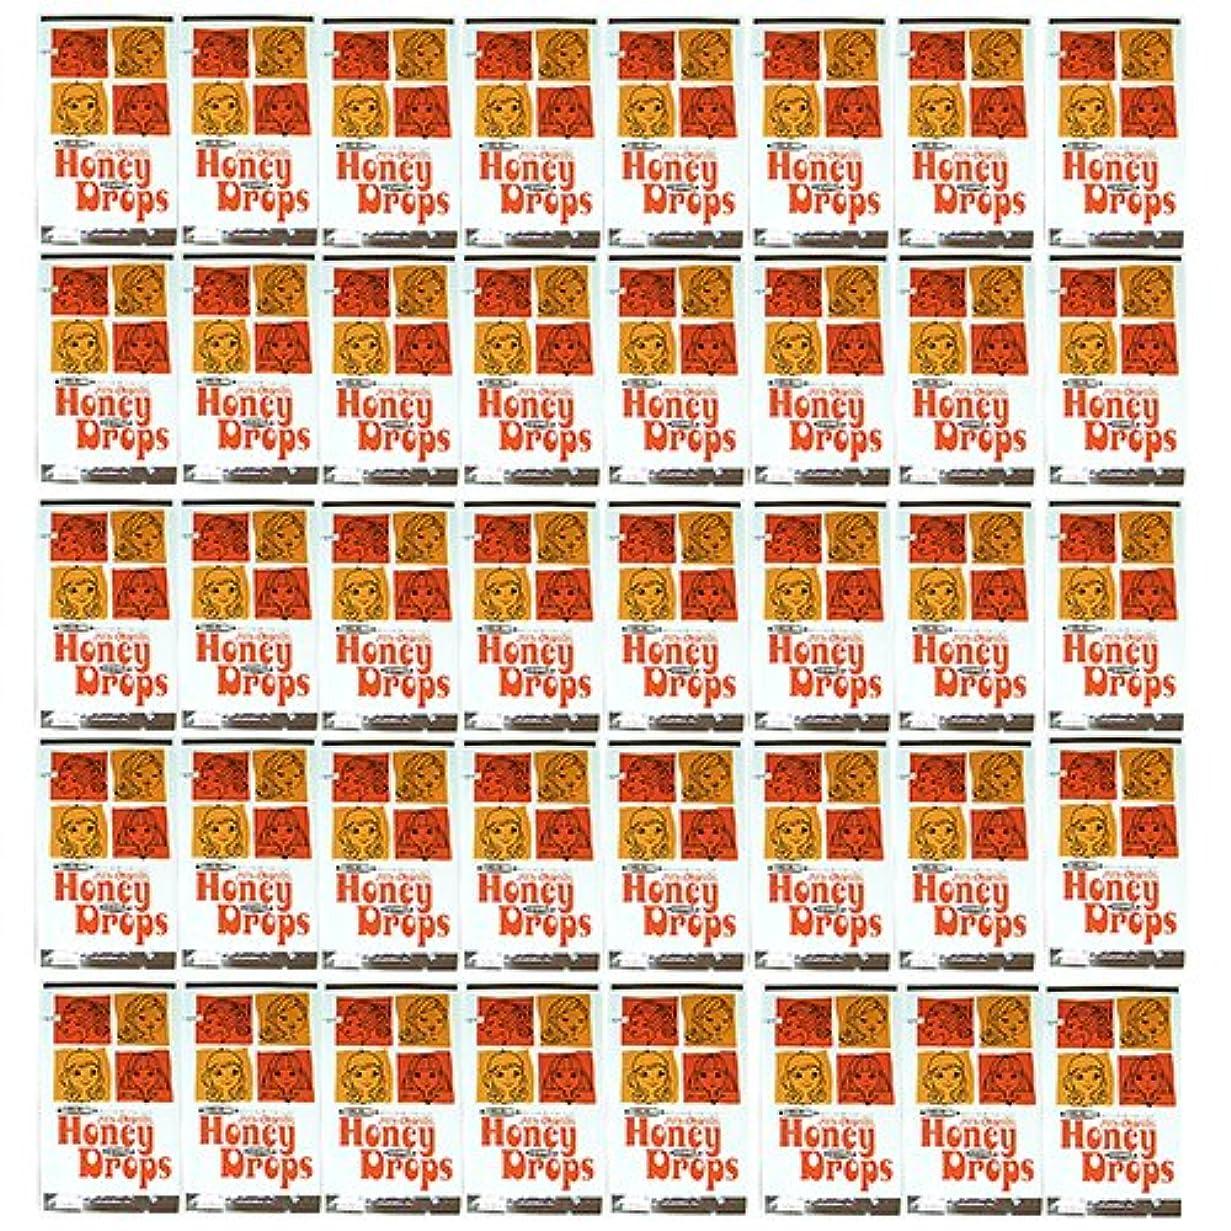 取得する感情の社会ハニードロップス(Honey Drops) 20ml 使い捨て潤滑ローション D柄 × 40個入